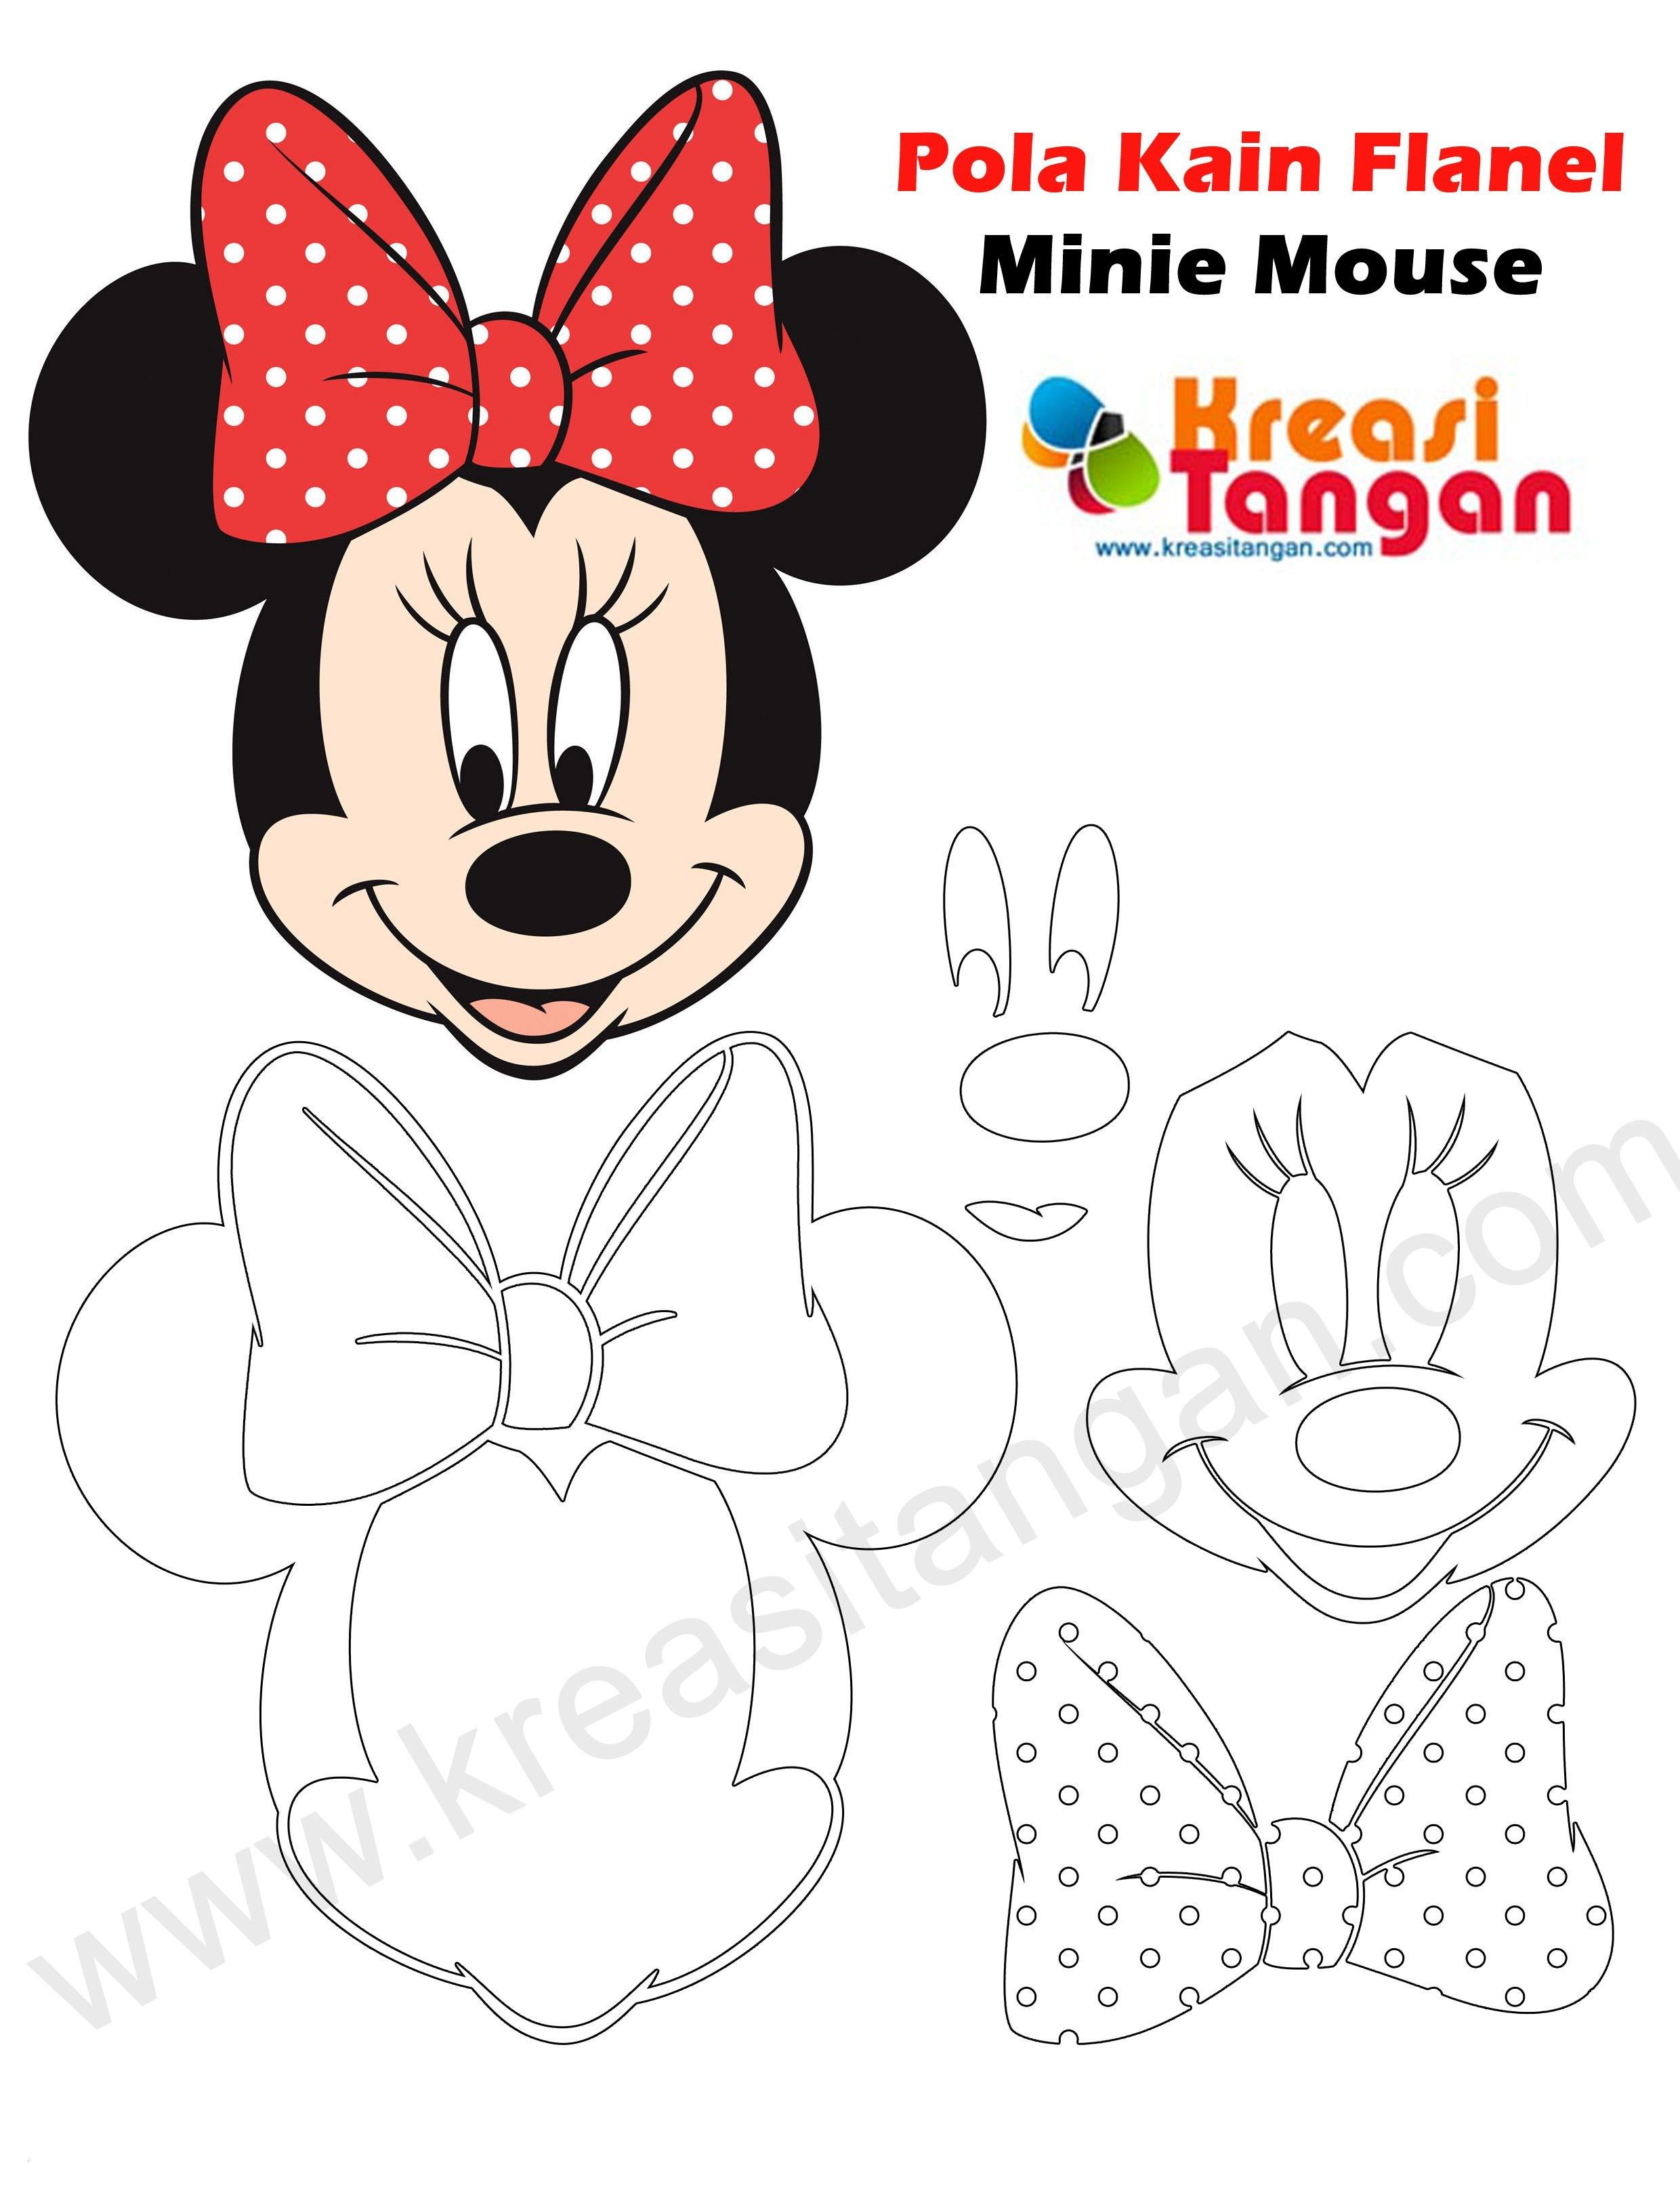 Minni Maus Malvorlage Genial 45 Schön Micky Maus Und Minni Maus Malvorlagen Beste Malvorlage Bild